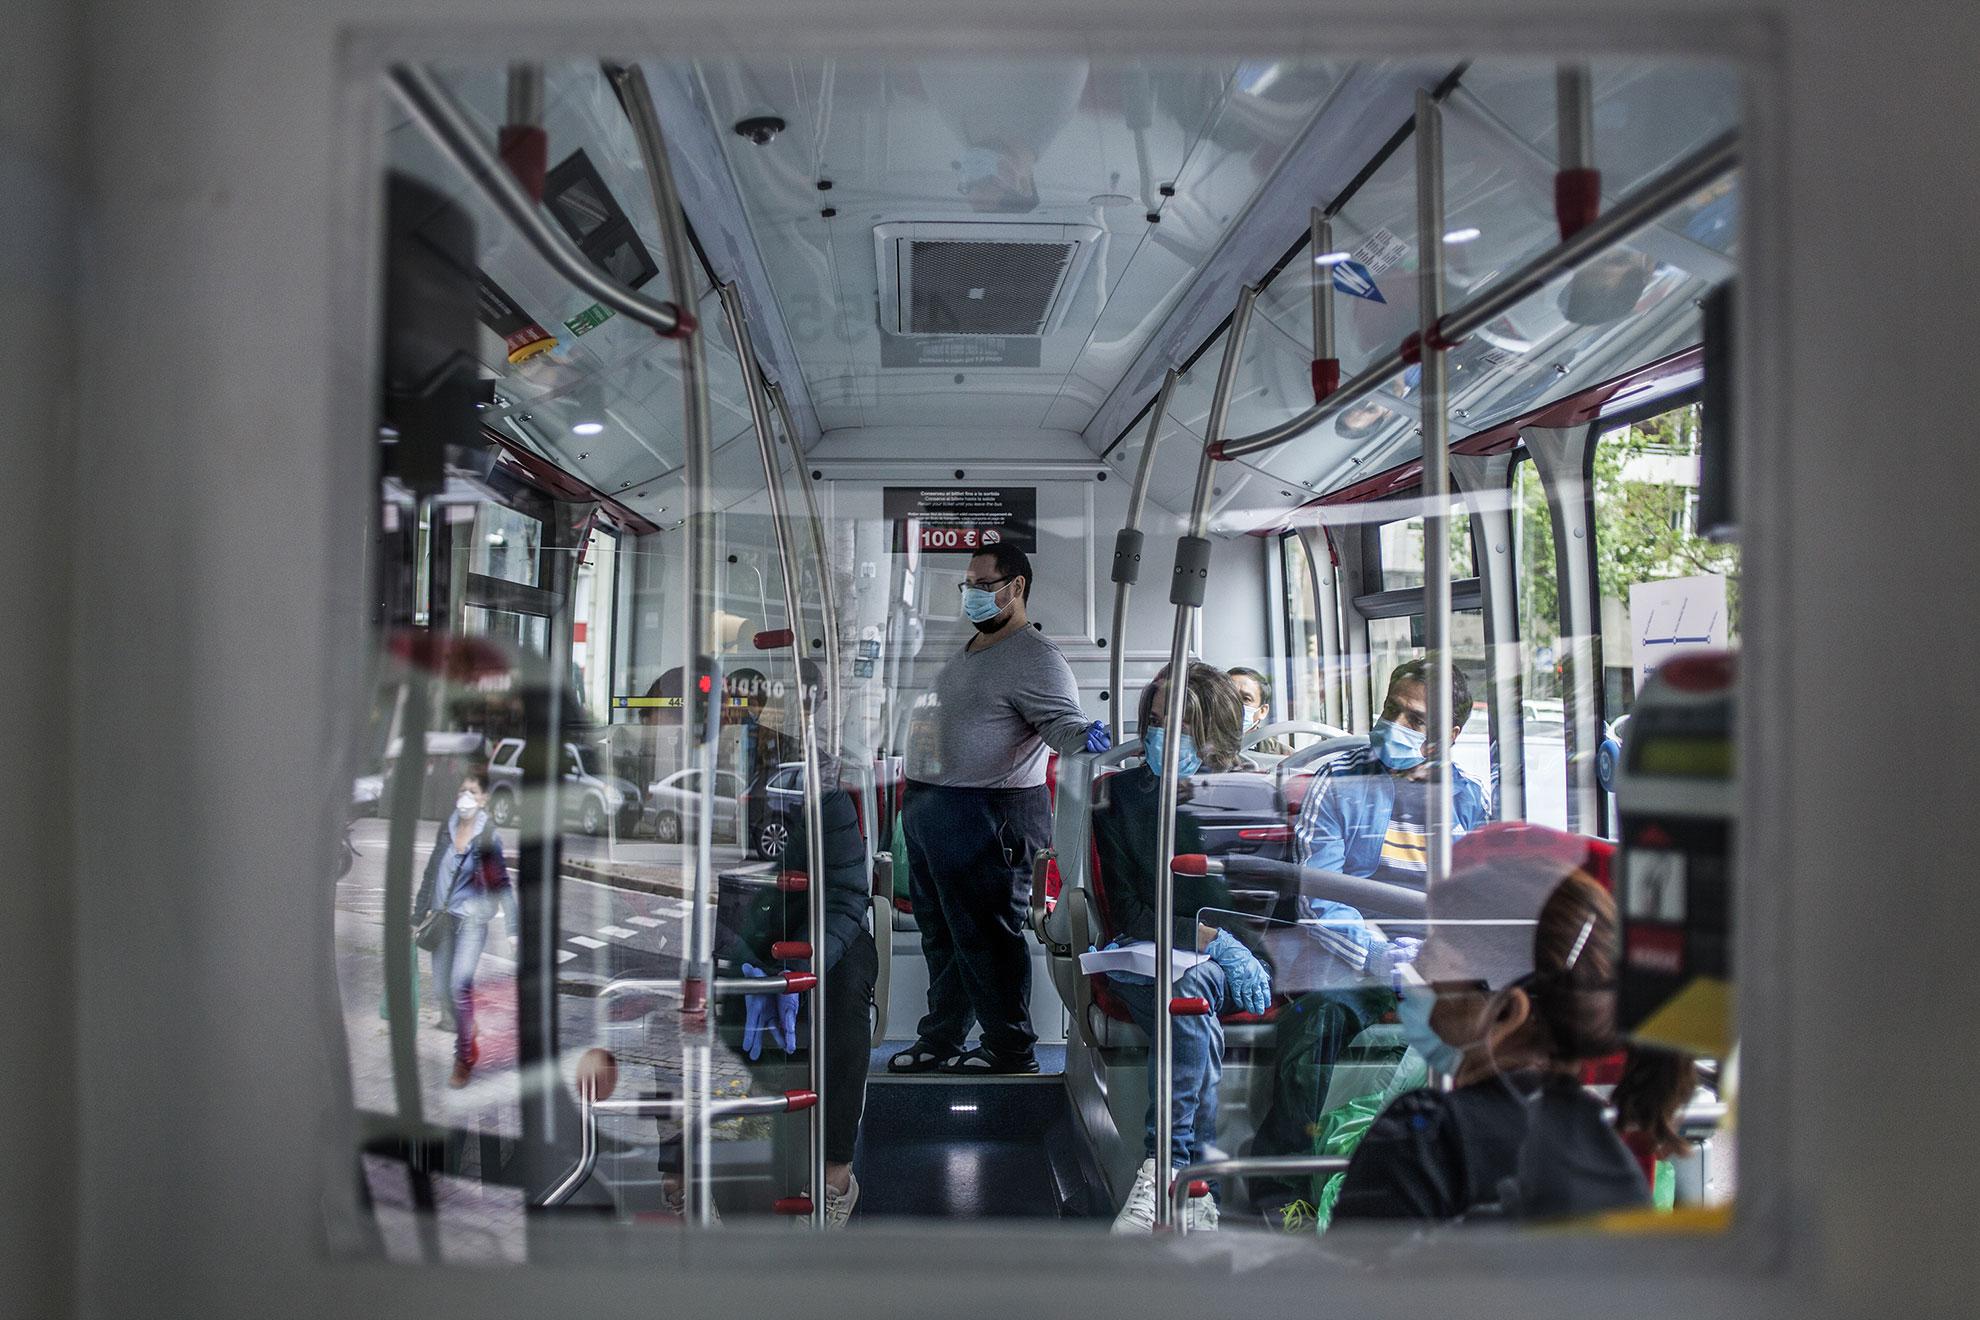 Pacientes recién llegados desde el hospital de Vall d´Hebron esperan que las enfermeras y enfermeros de la atención primaria de Barcelona, del @icscatalunya (Instituto Catalán de la Salud), les den acceso para ser recibidos en la recepción del Hotel Melià , e iniciar el protocolo de entrada a los pacientes que acaban de llegar del hospital, por de estar enfermos de Covid-19 . Y que son hospedado en el Hotel. Pacientes enfermos de Covid-19 dados de alta hospitalaria han sido trasladados a diferentes hoteles de Barcelona, entre ellos el Hotel Melià, para pasar dos semanas de confinamiento, antes de poder volver a casa. Una vez llegan, personal sanitario y del hotel hacen la acogida y toma de temperatura antes de asignarles una habitación.